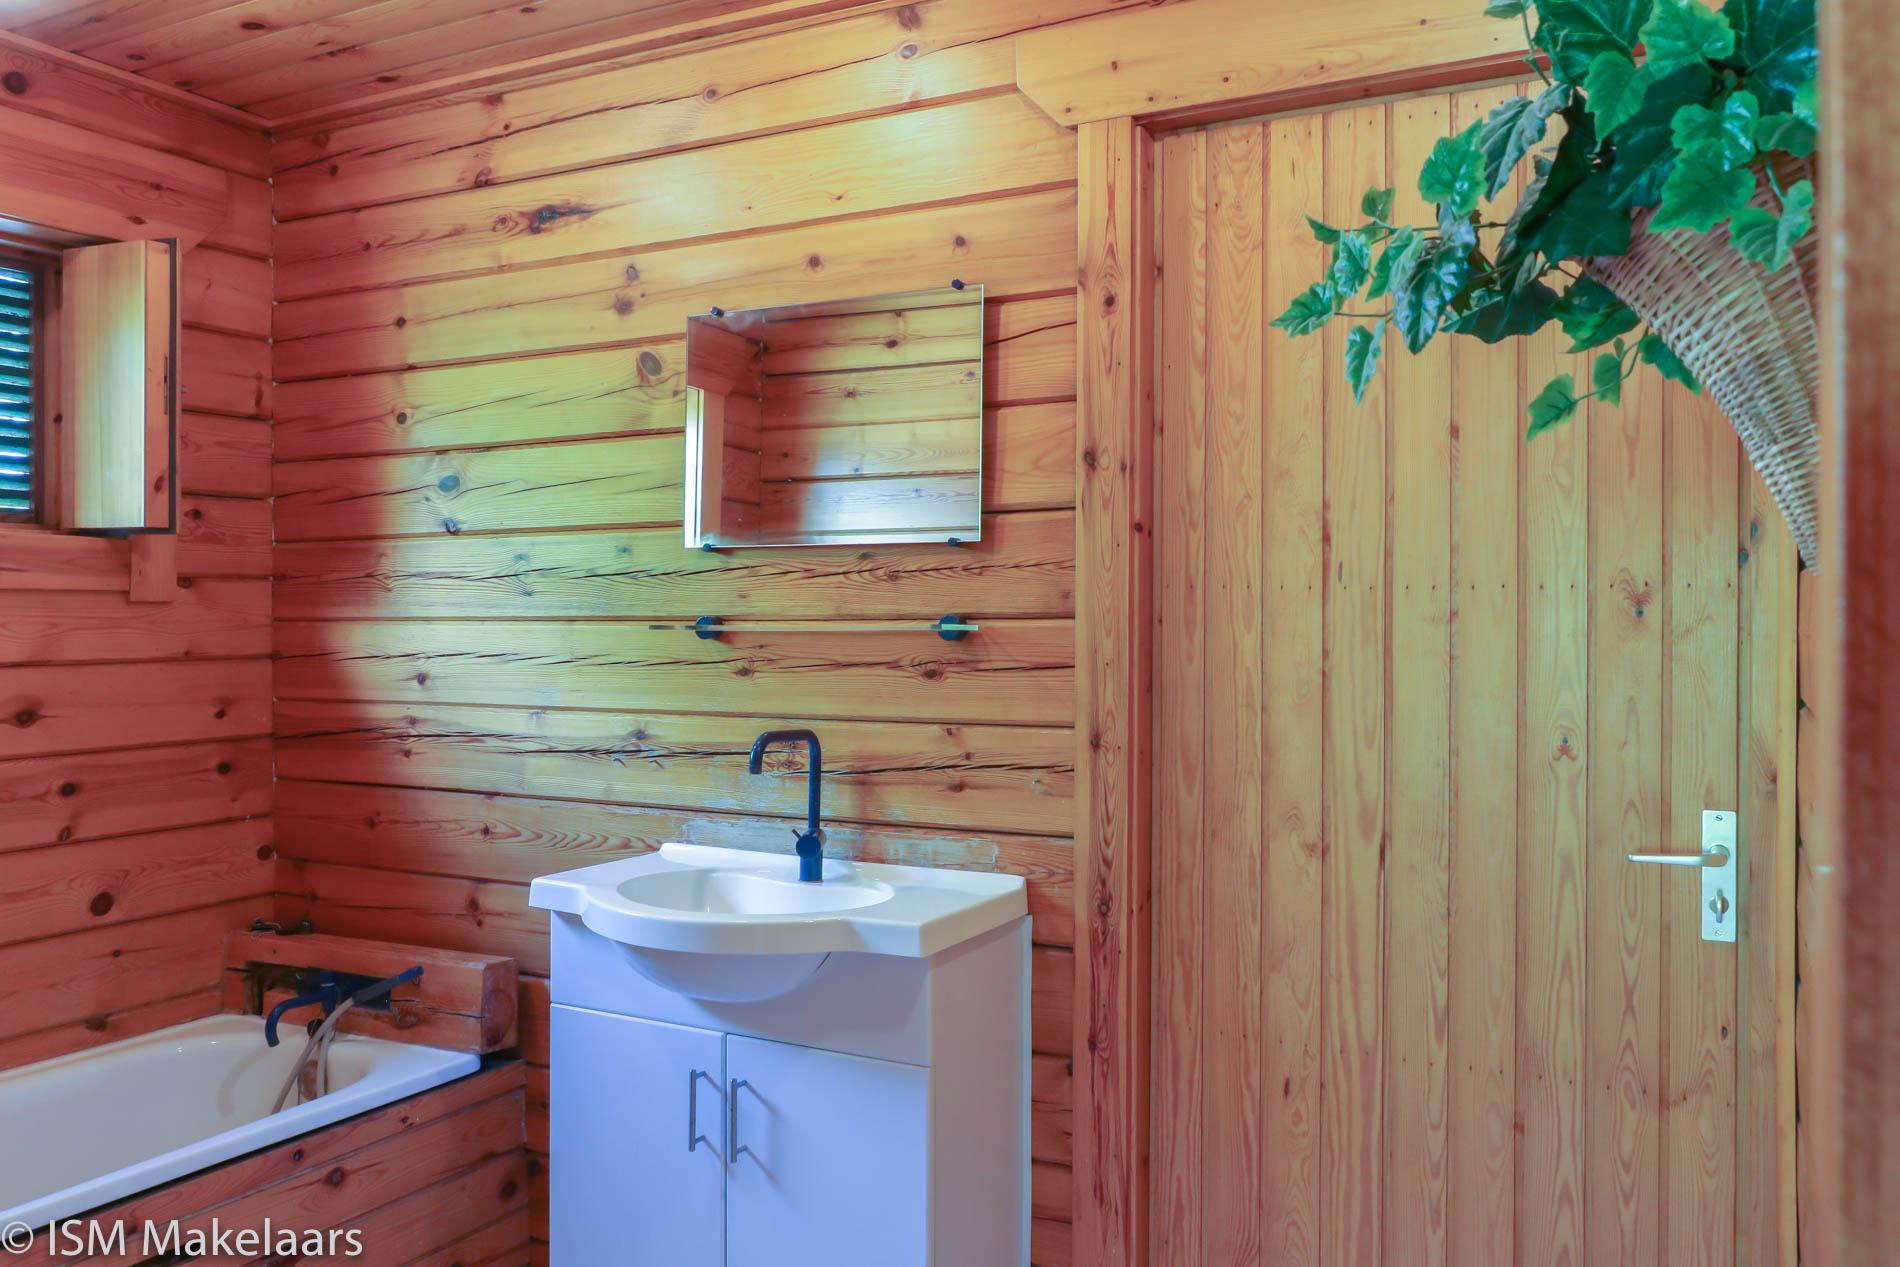 badkamer ovezandseweg 2a oudelande ism makelaars